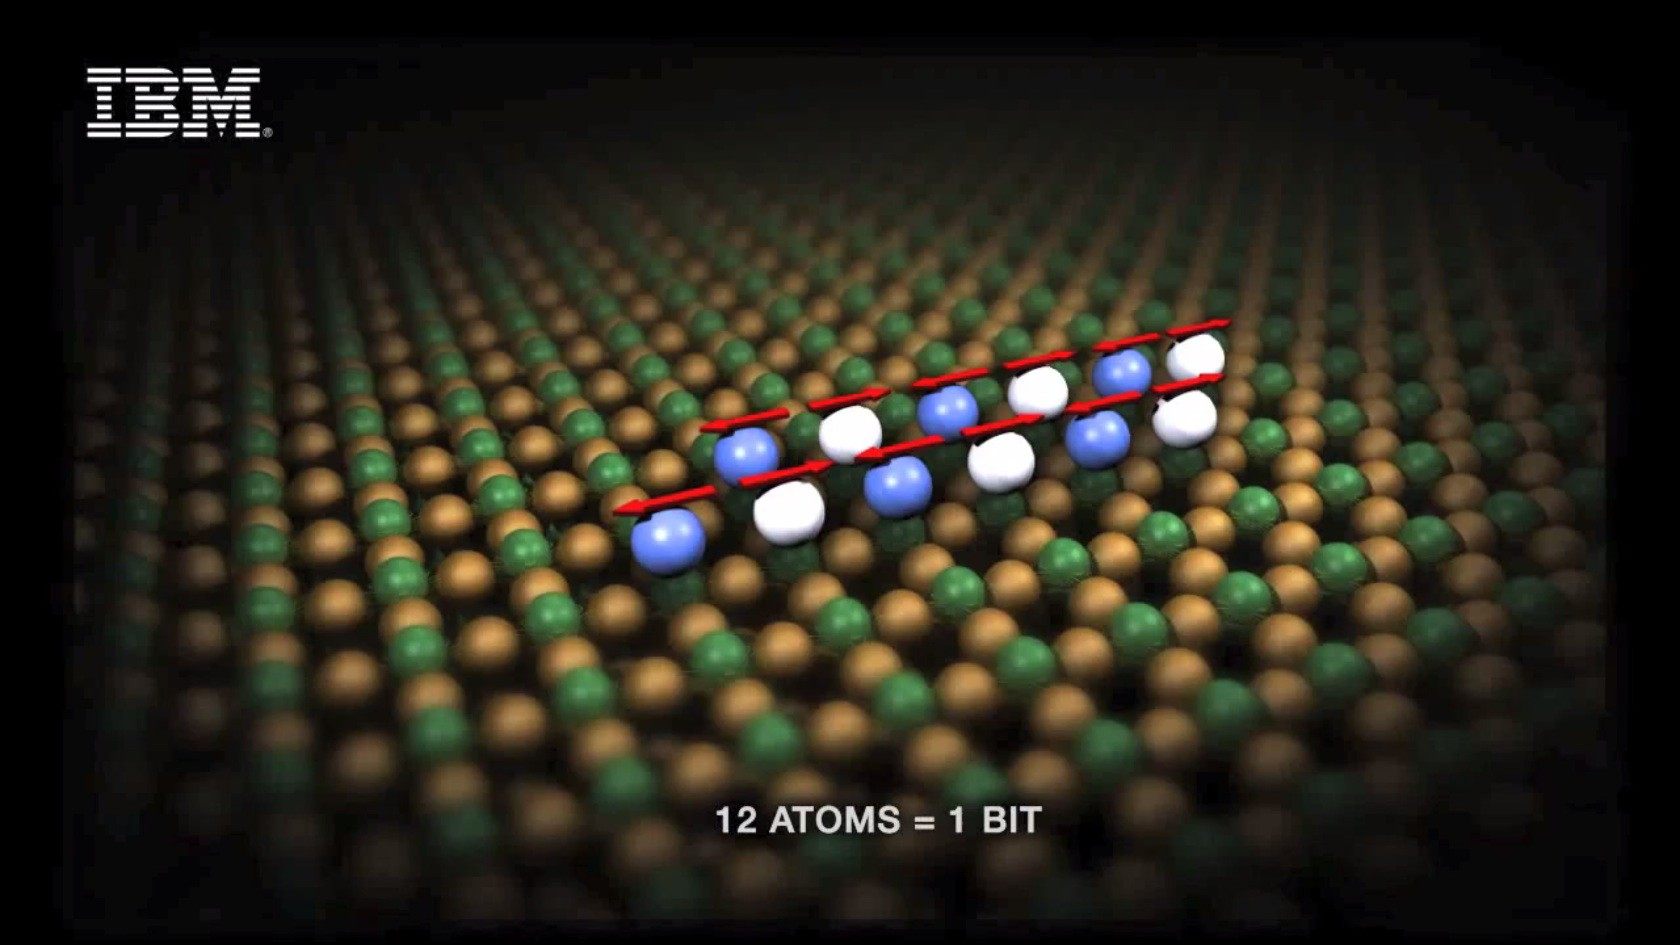 Extreme Speicherdichte: IBM speichert 1 Bit in nur 12 Atomen - 1 Bit in 12 Atomen